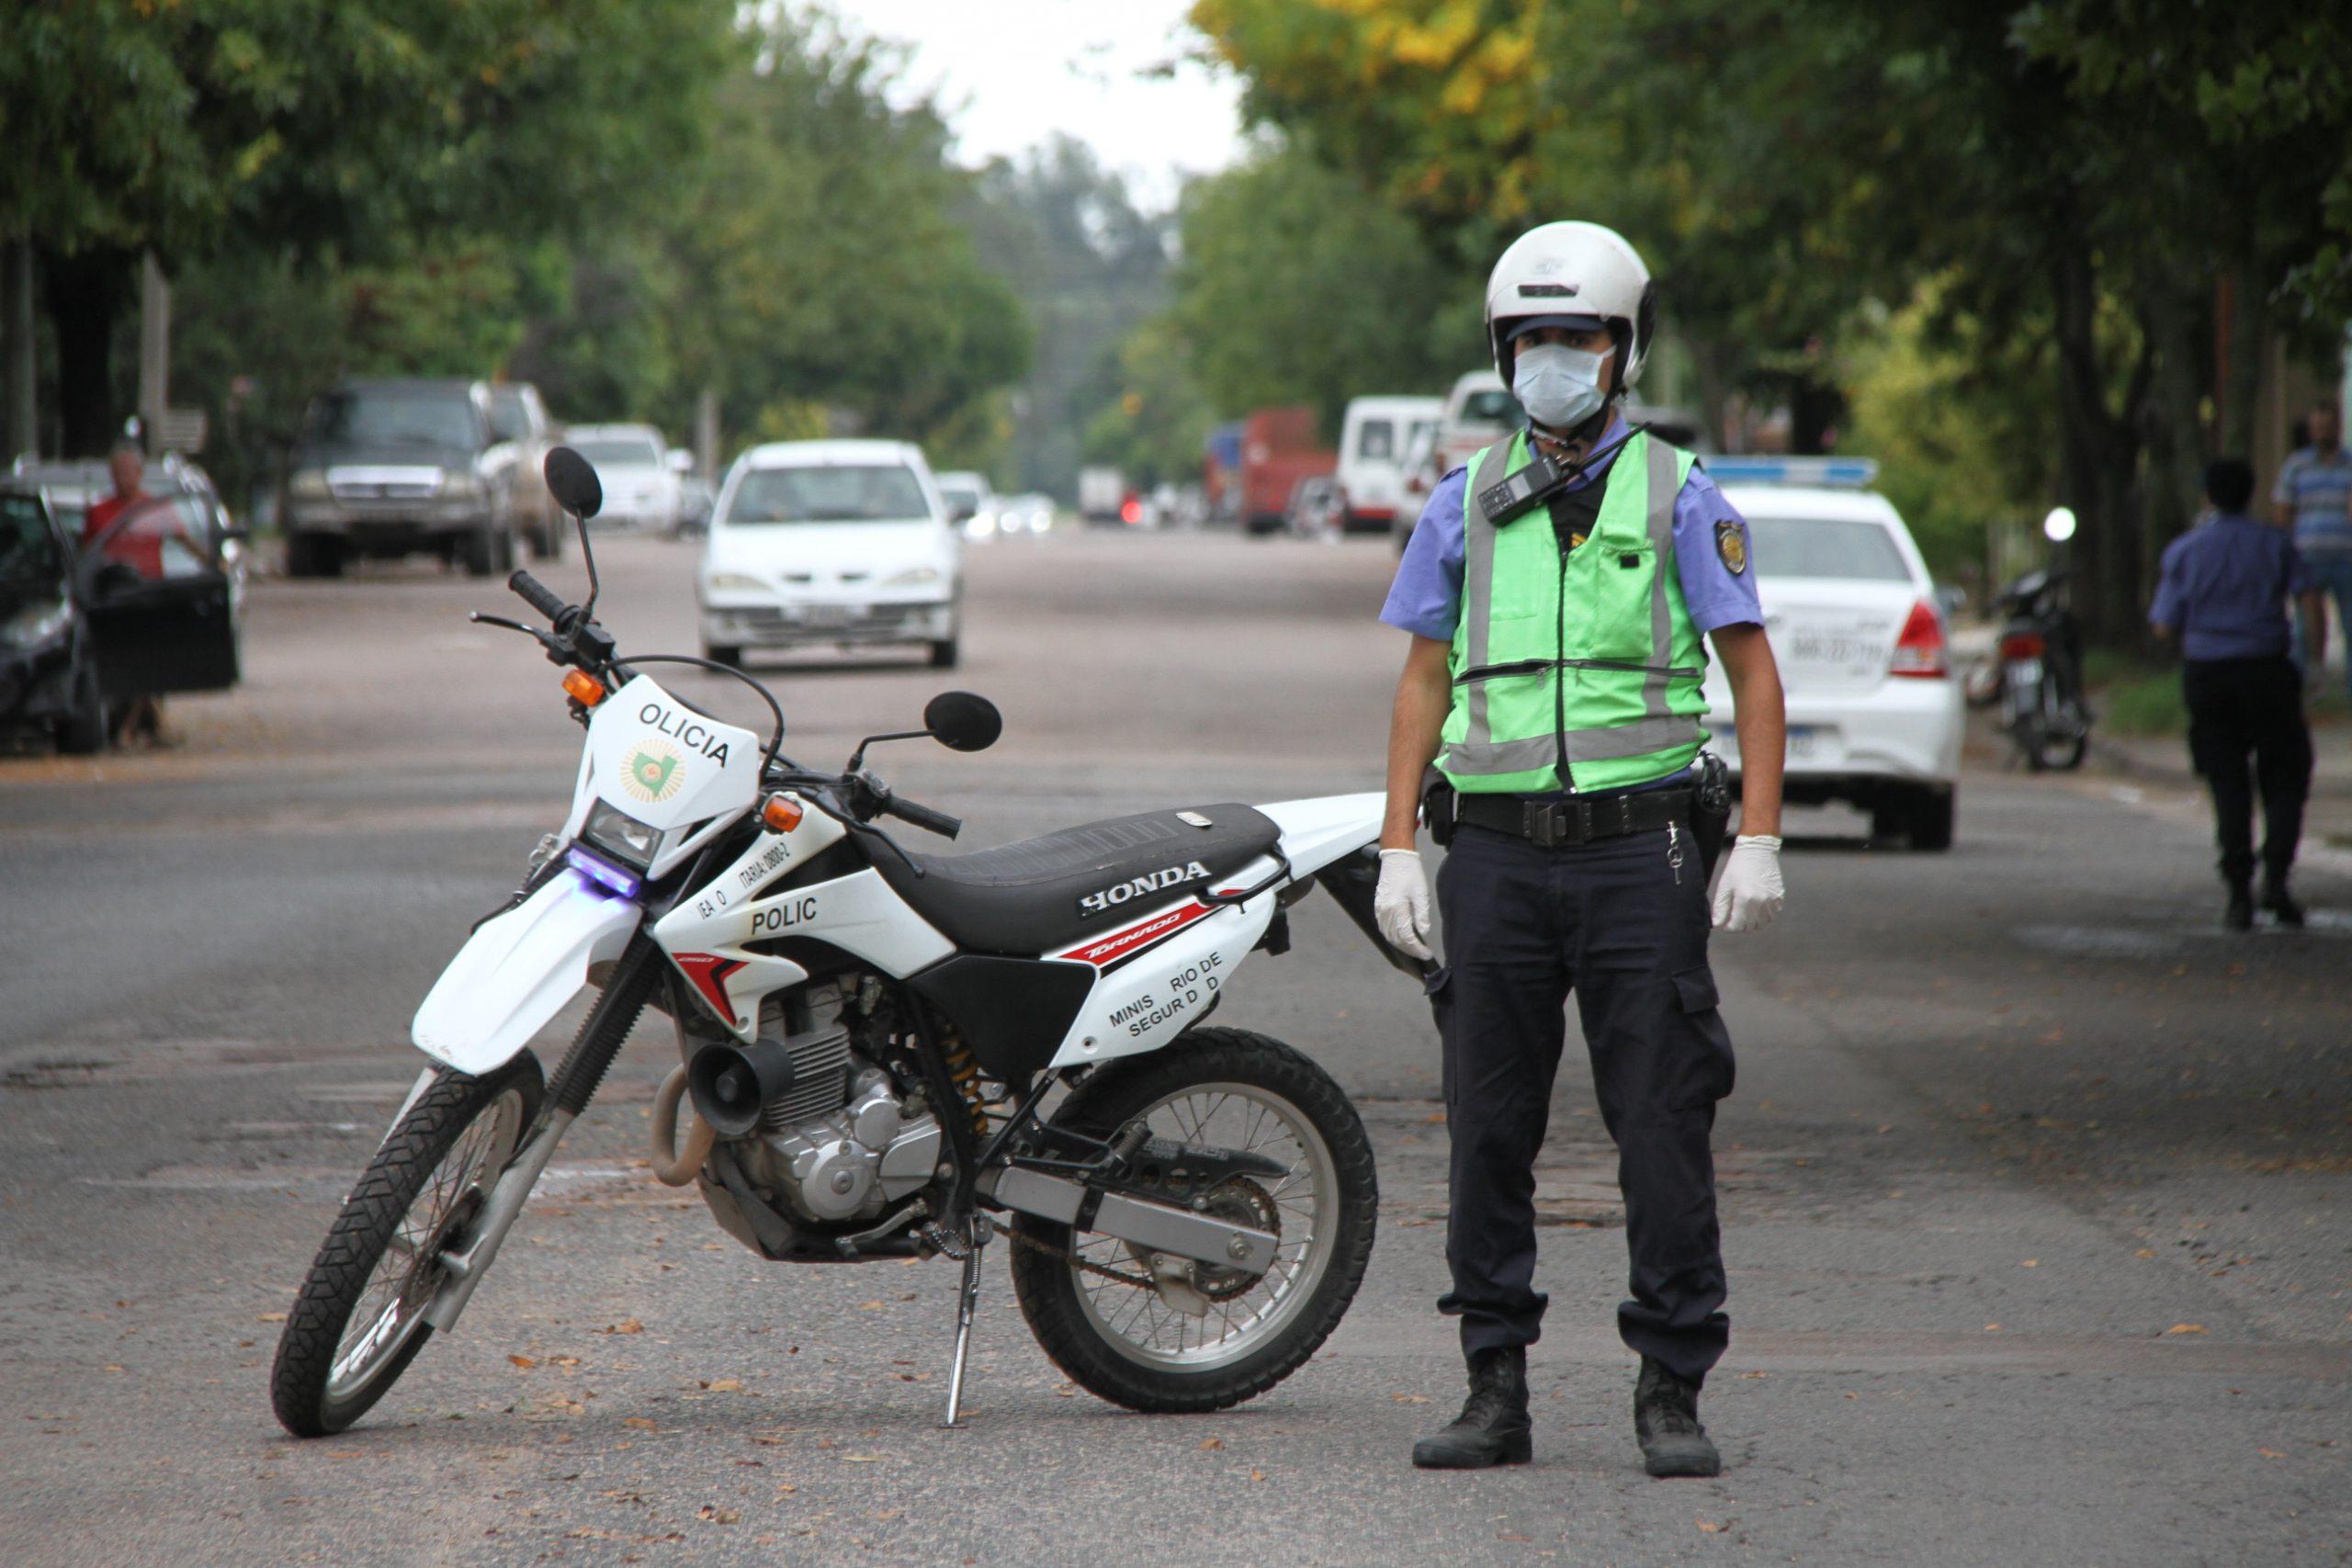 La Policía comenzó a controlar el uso de tapabocas: Más de 30 personas ya fueron notificadas en General Pico